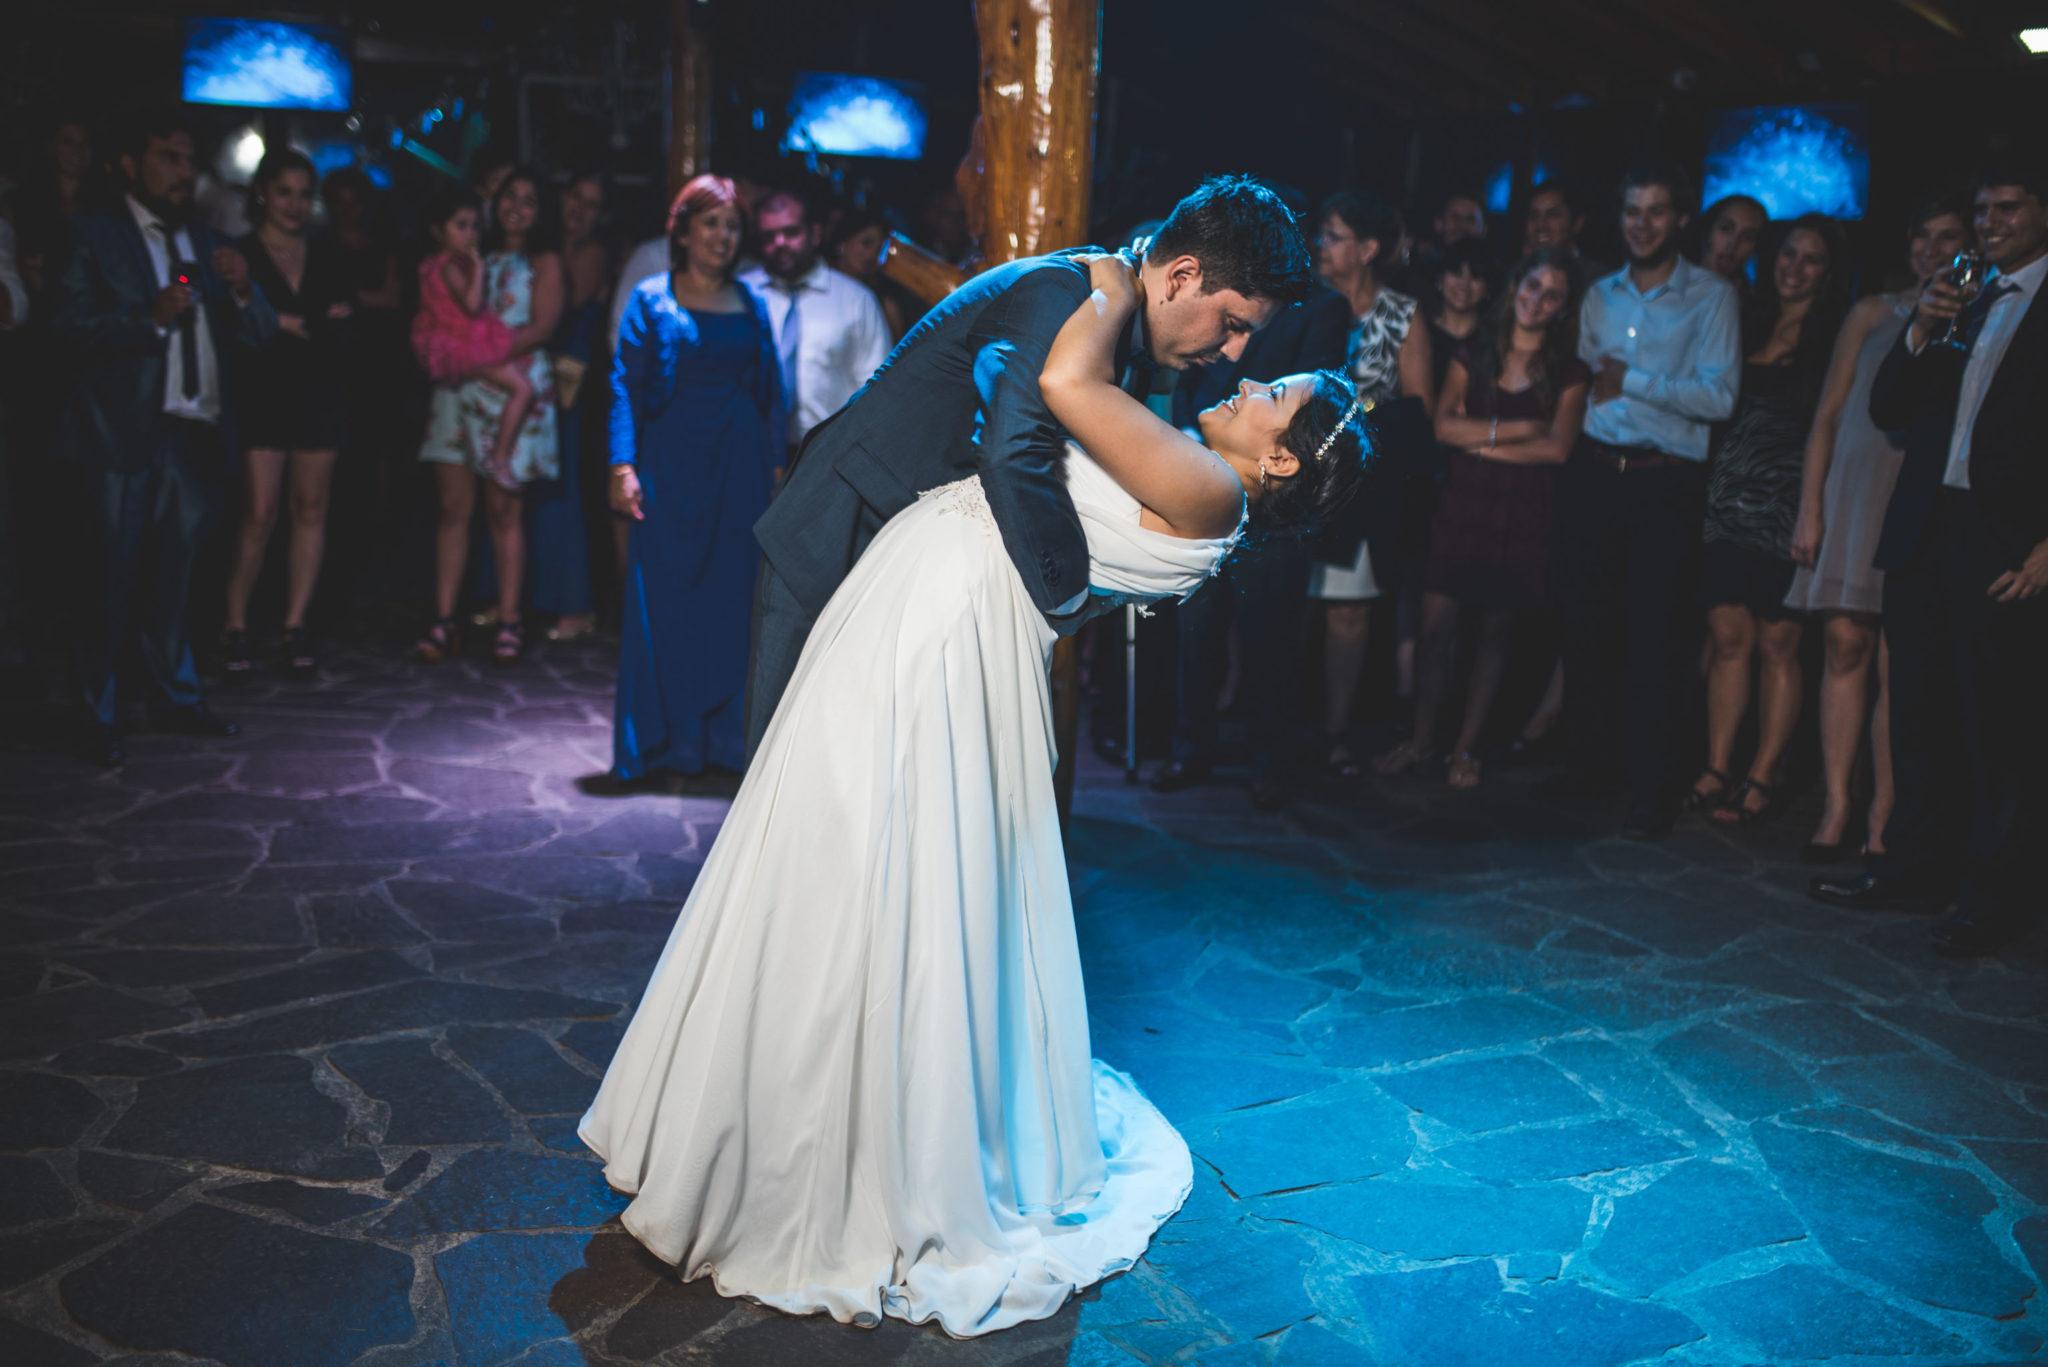 matrimonio-ko eventos-cajon del maipo-diego mena fotografia-fotografo profesional matrimonio